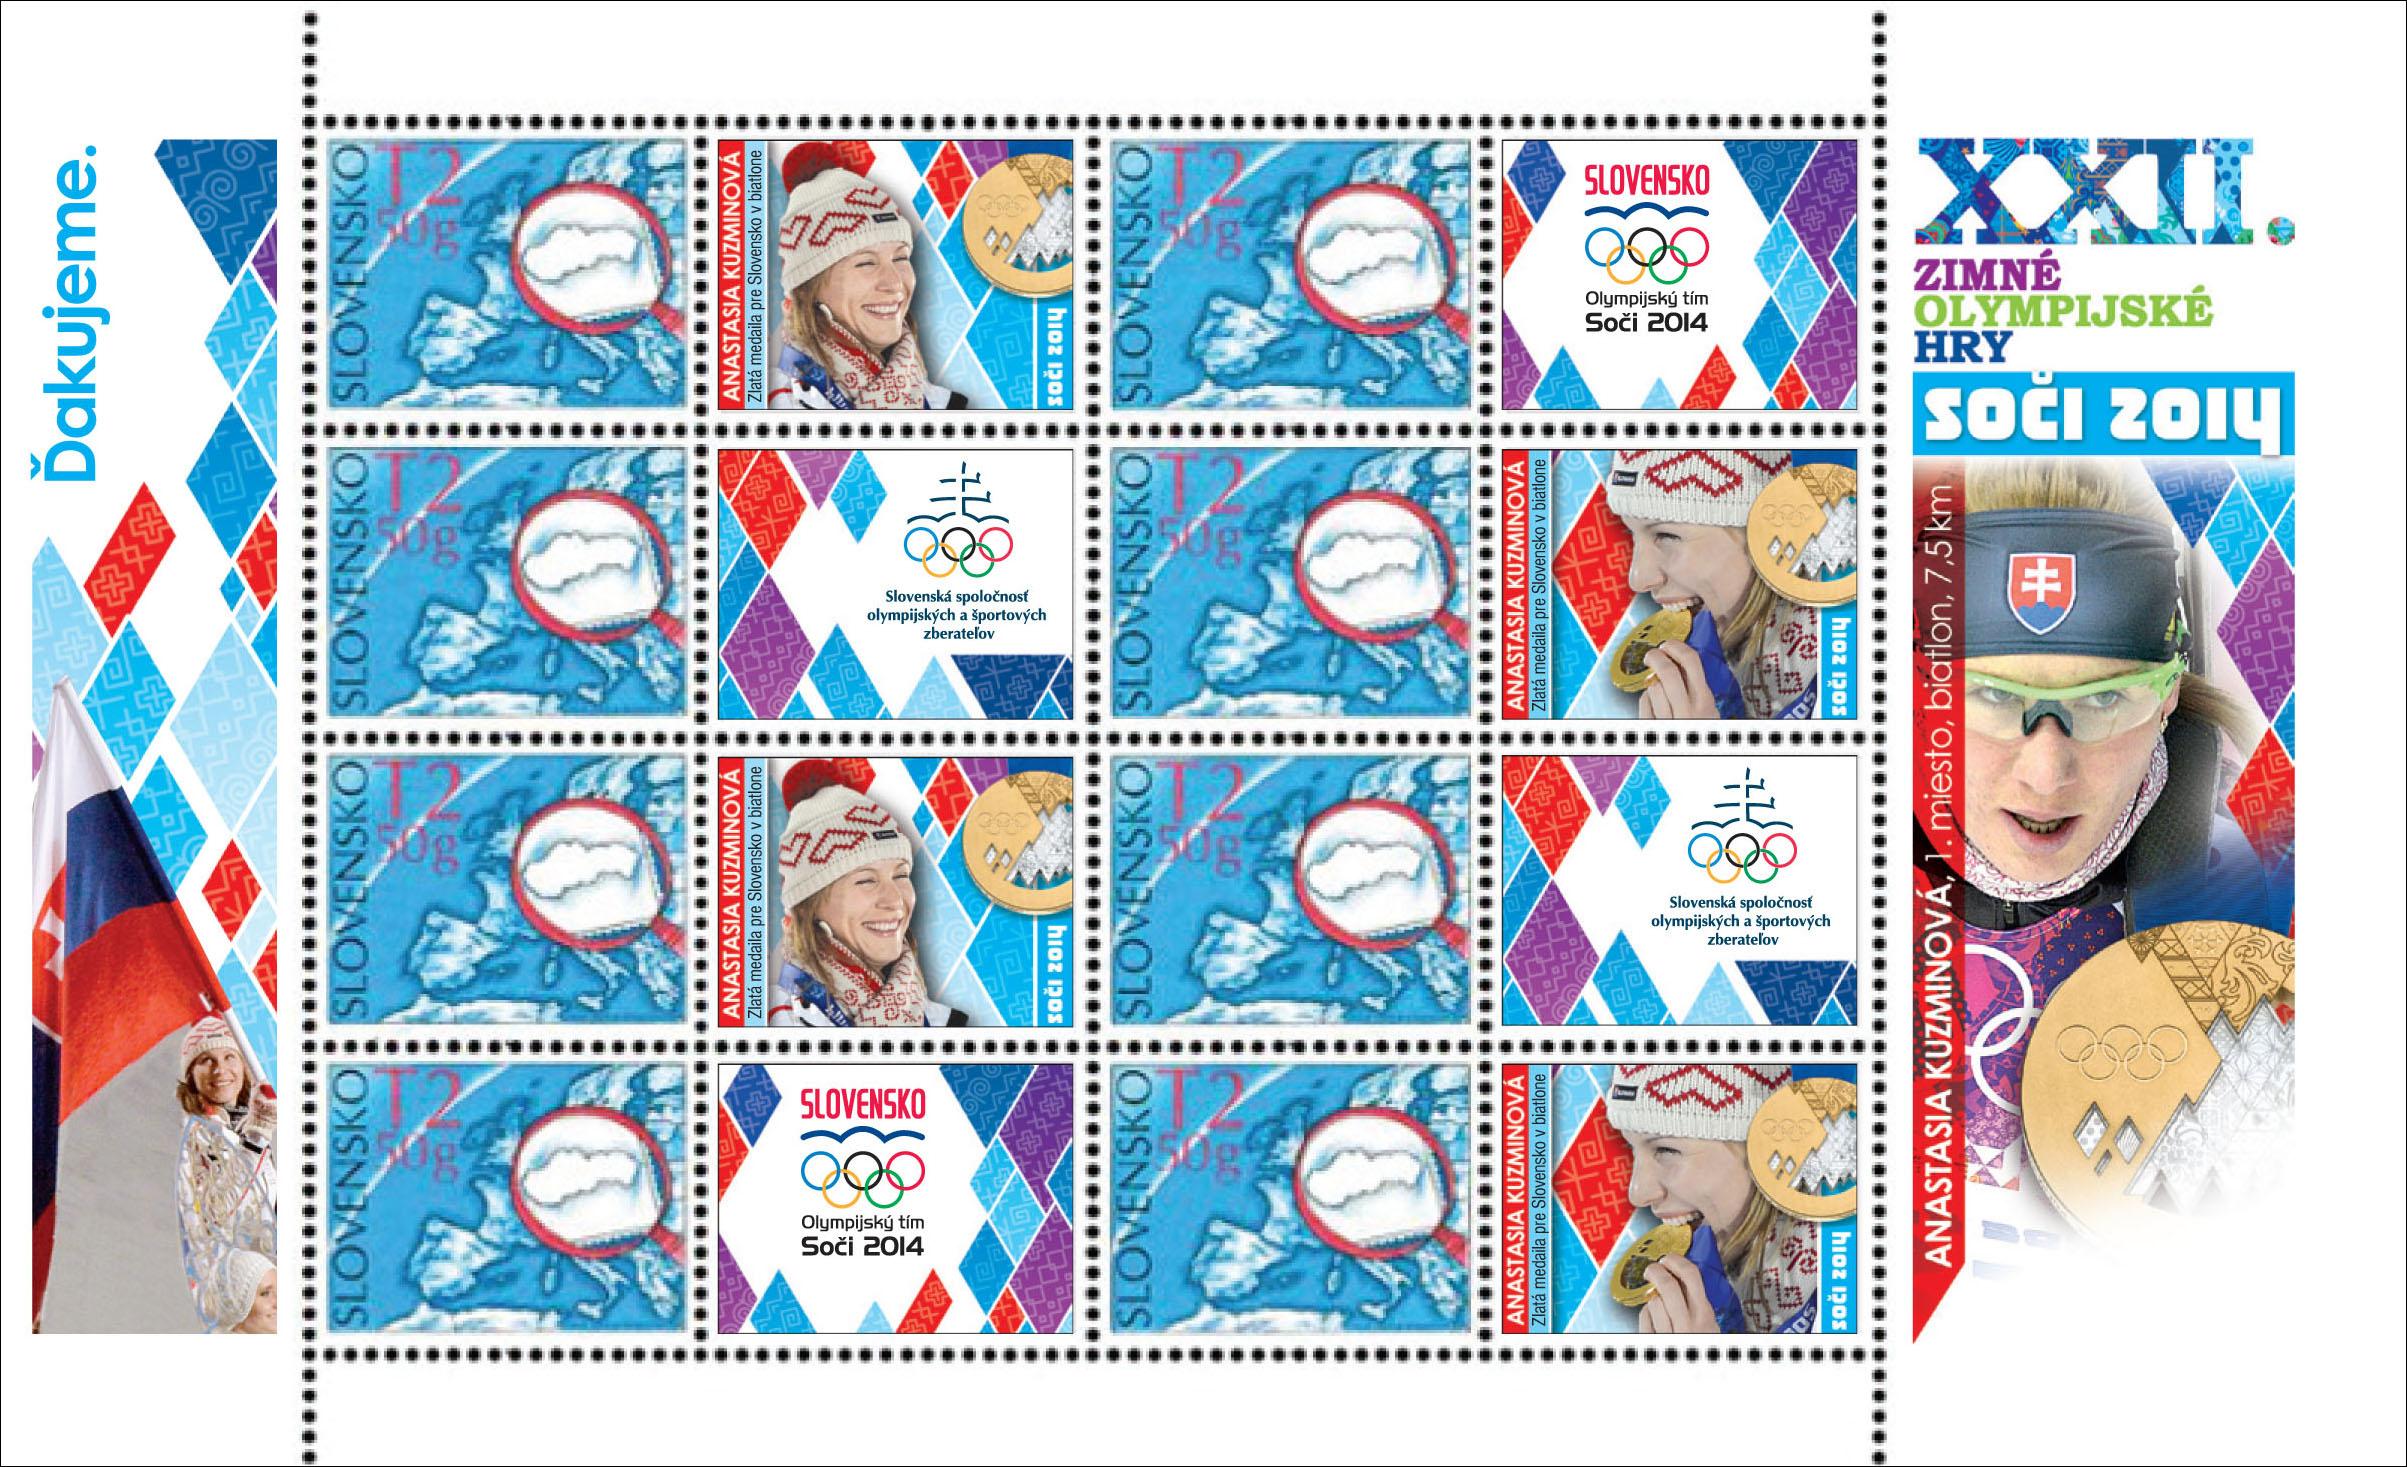 Personalizovaný upravený tlačový list (UTL) Anastasia Kuzminová - zlatá medaila ZOH Soči 2014 (Upravený tlačový list)